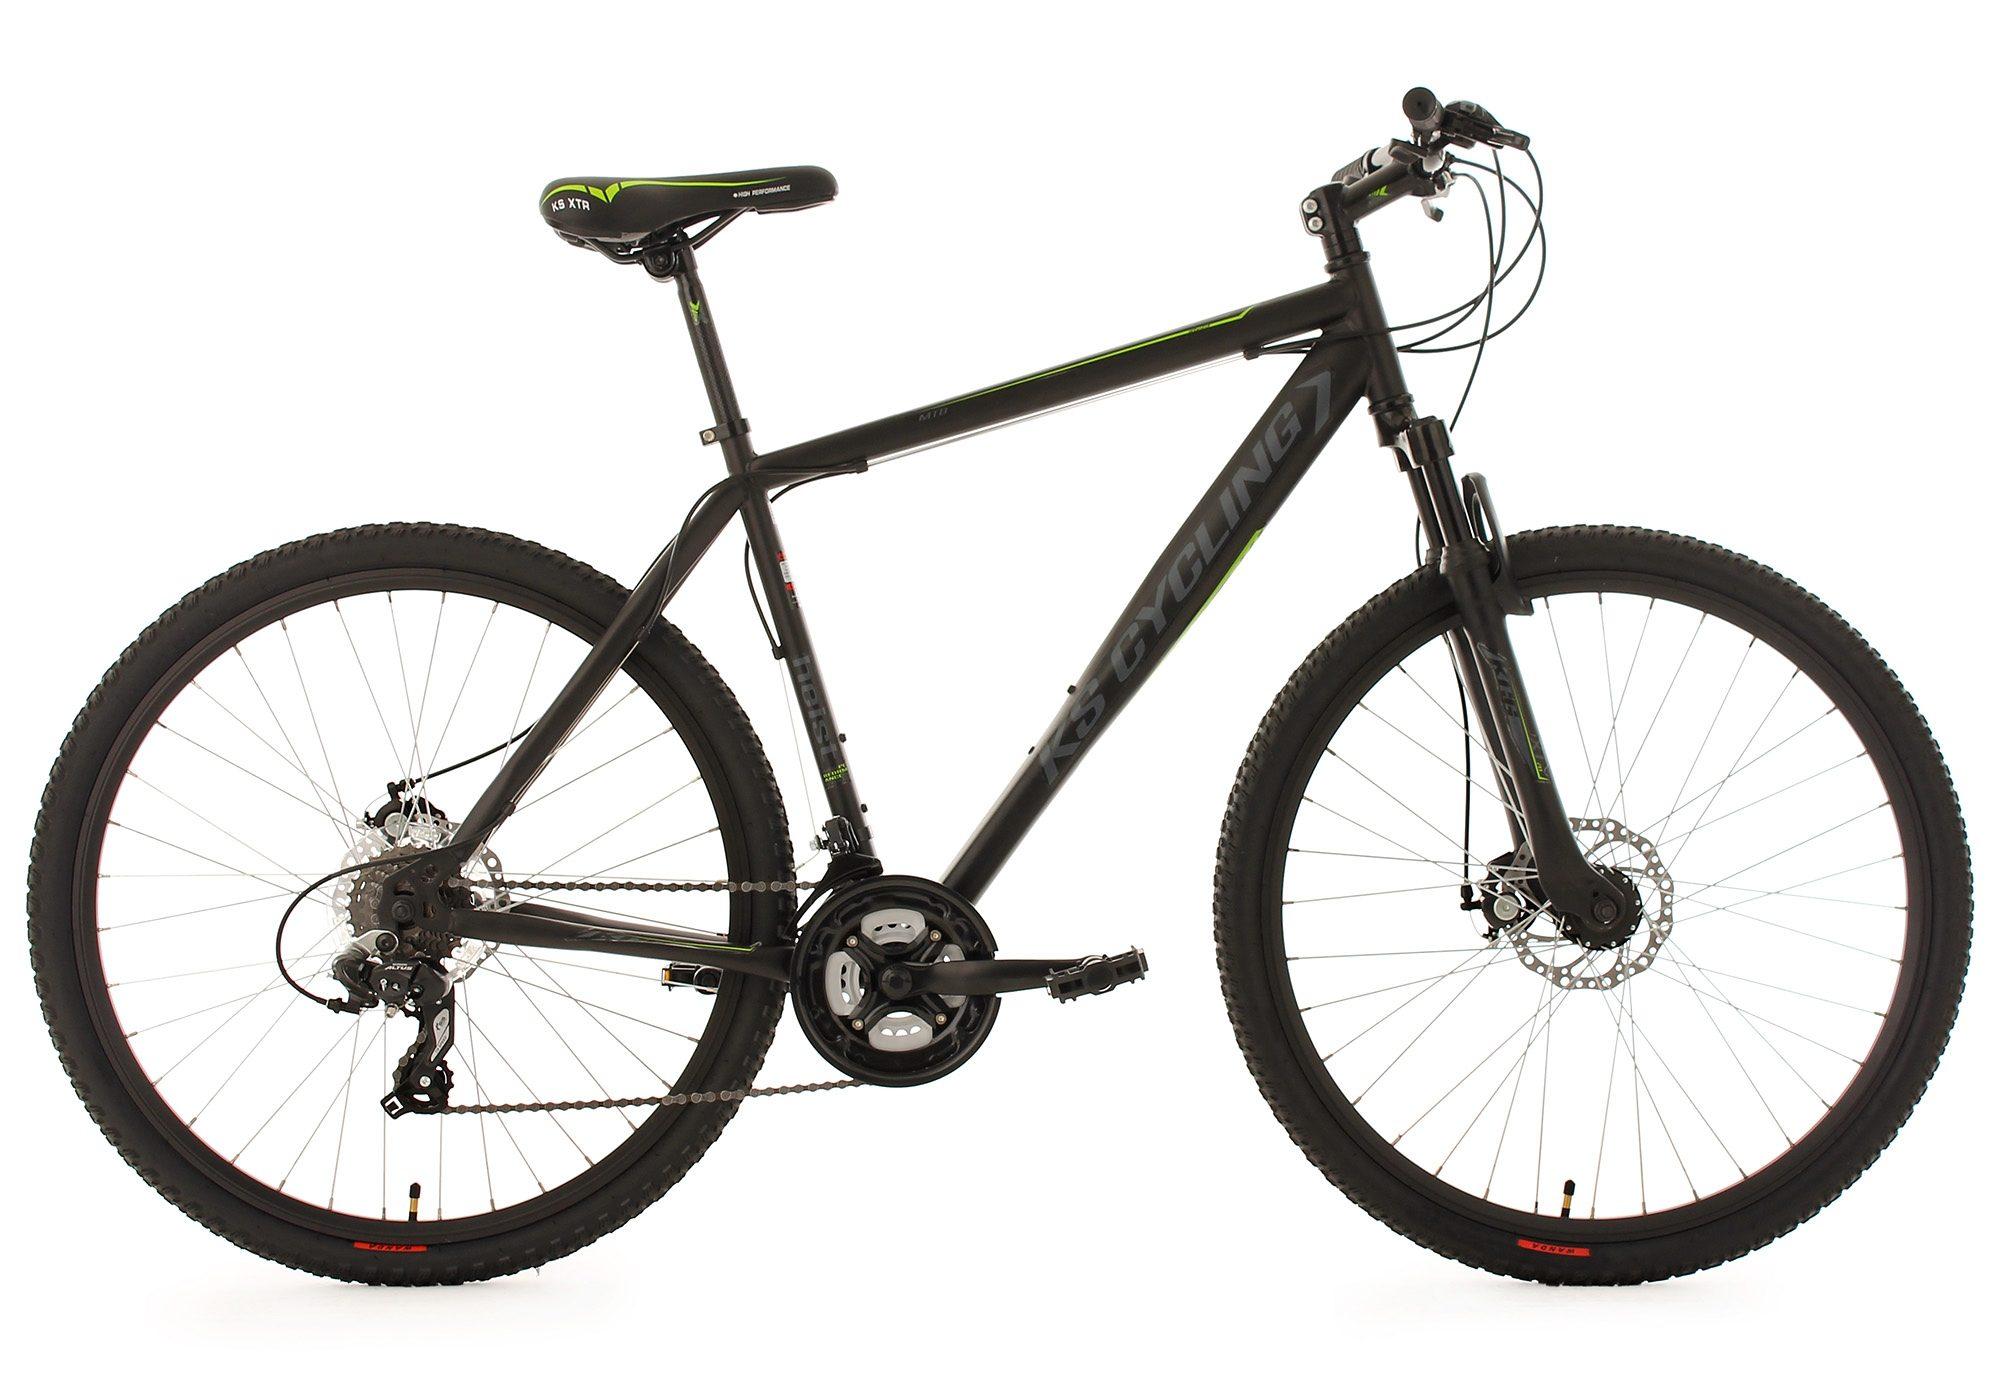 KS Cycling Hardtail Mountainbike, 27,5 Zoll, schwarz, 24 Gang Kettenschaltung, »Heist«